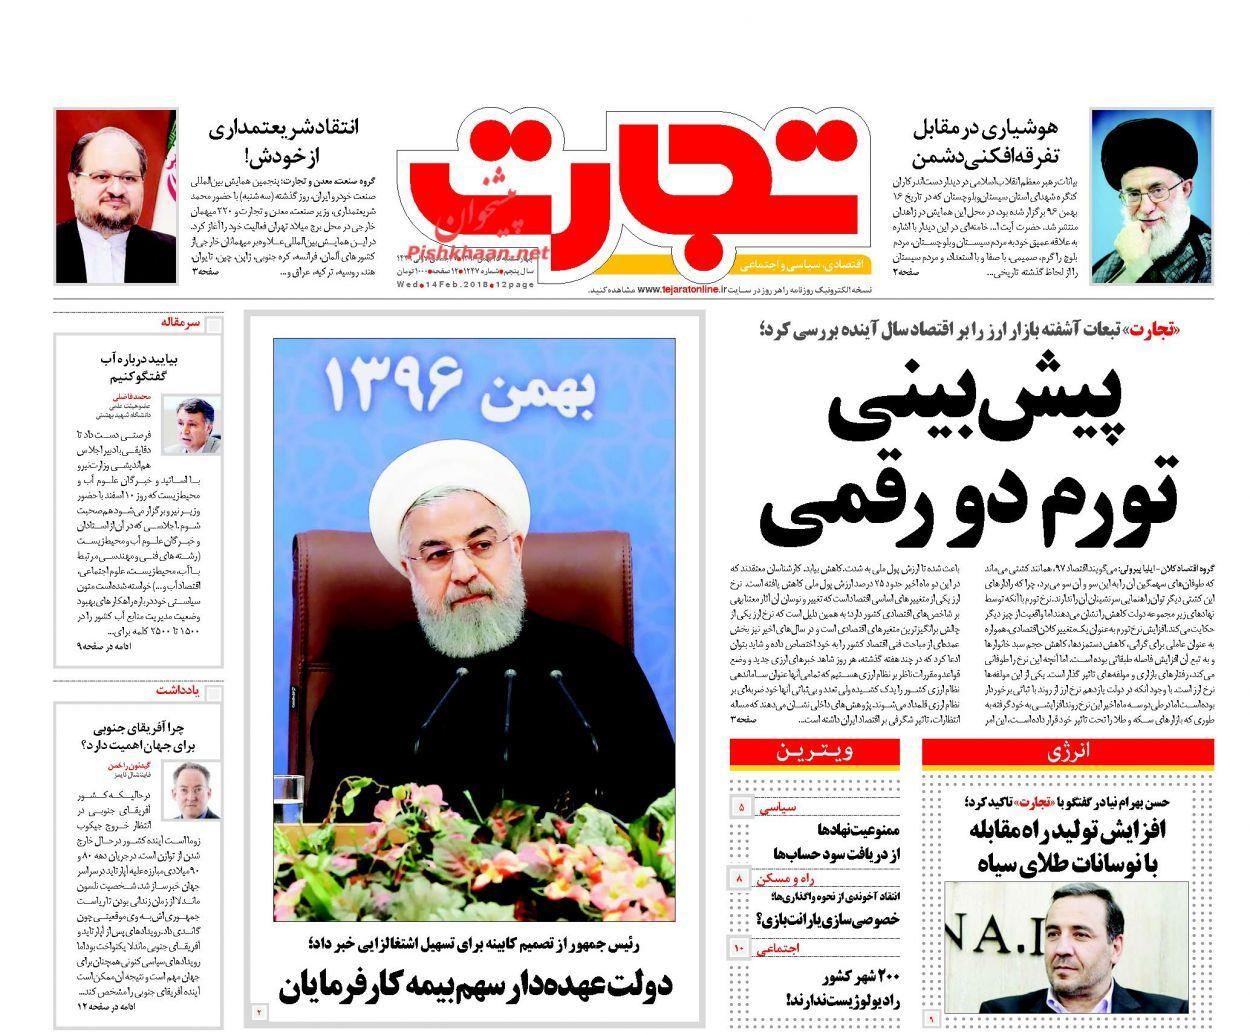 روزنامههای اقتصادی چهارشنبه ۲۵ بهمن ماه ۹۶